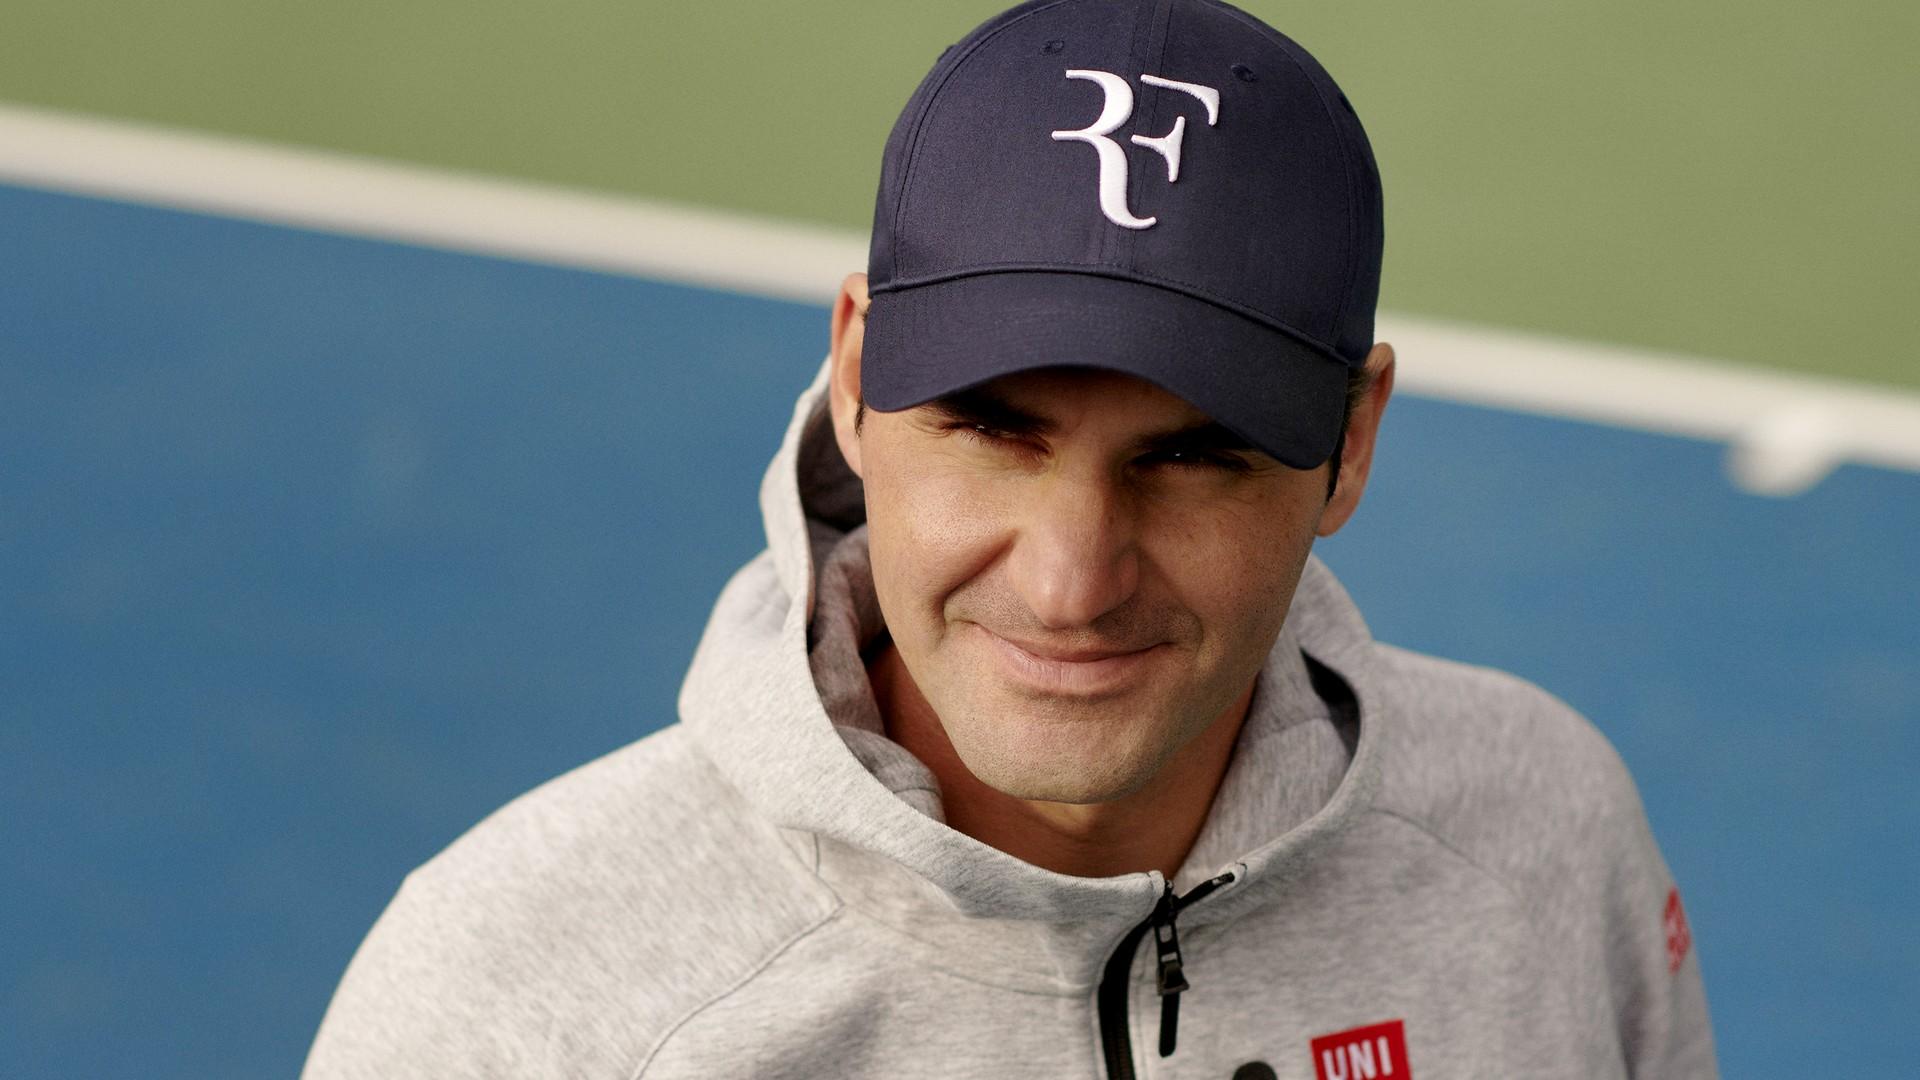 Roger Federer (1) Uniqlo